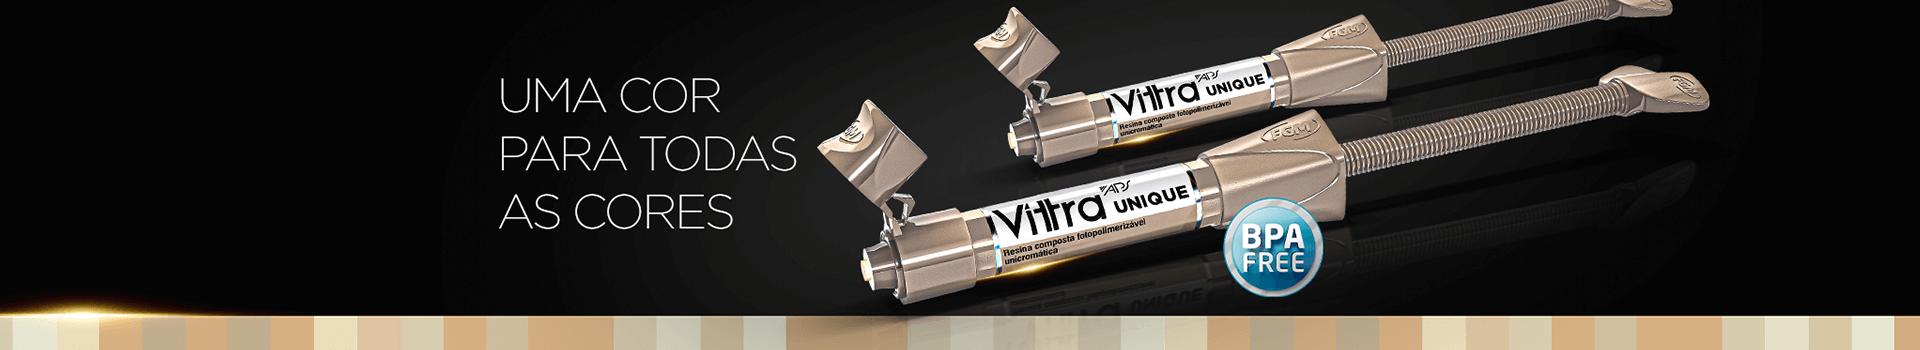 Resina Vittra APS uma cor para todas as cores na Dental Cremer Produtos Odontológicos